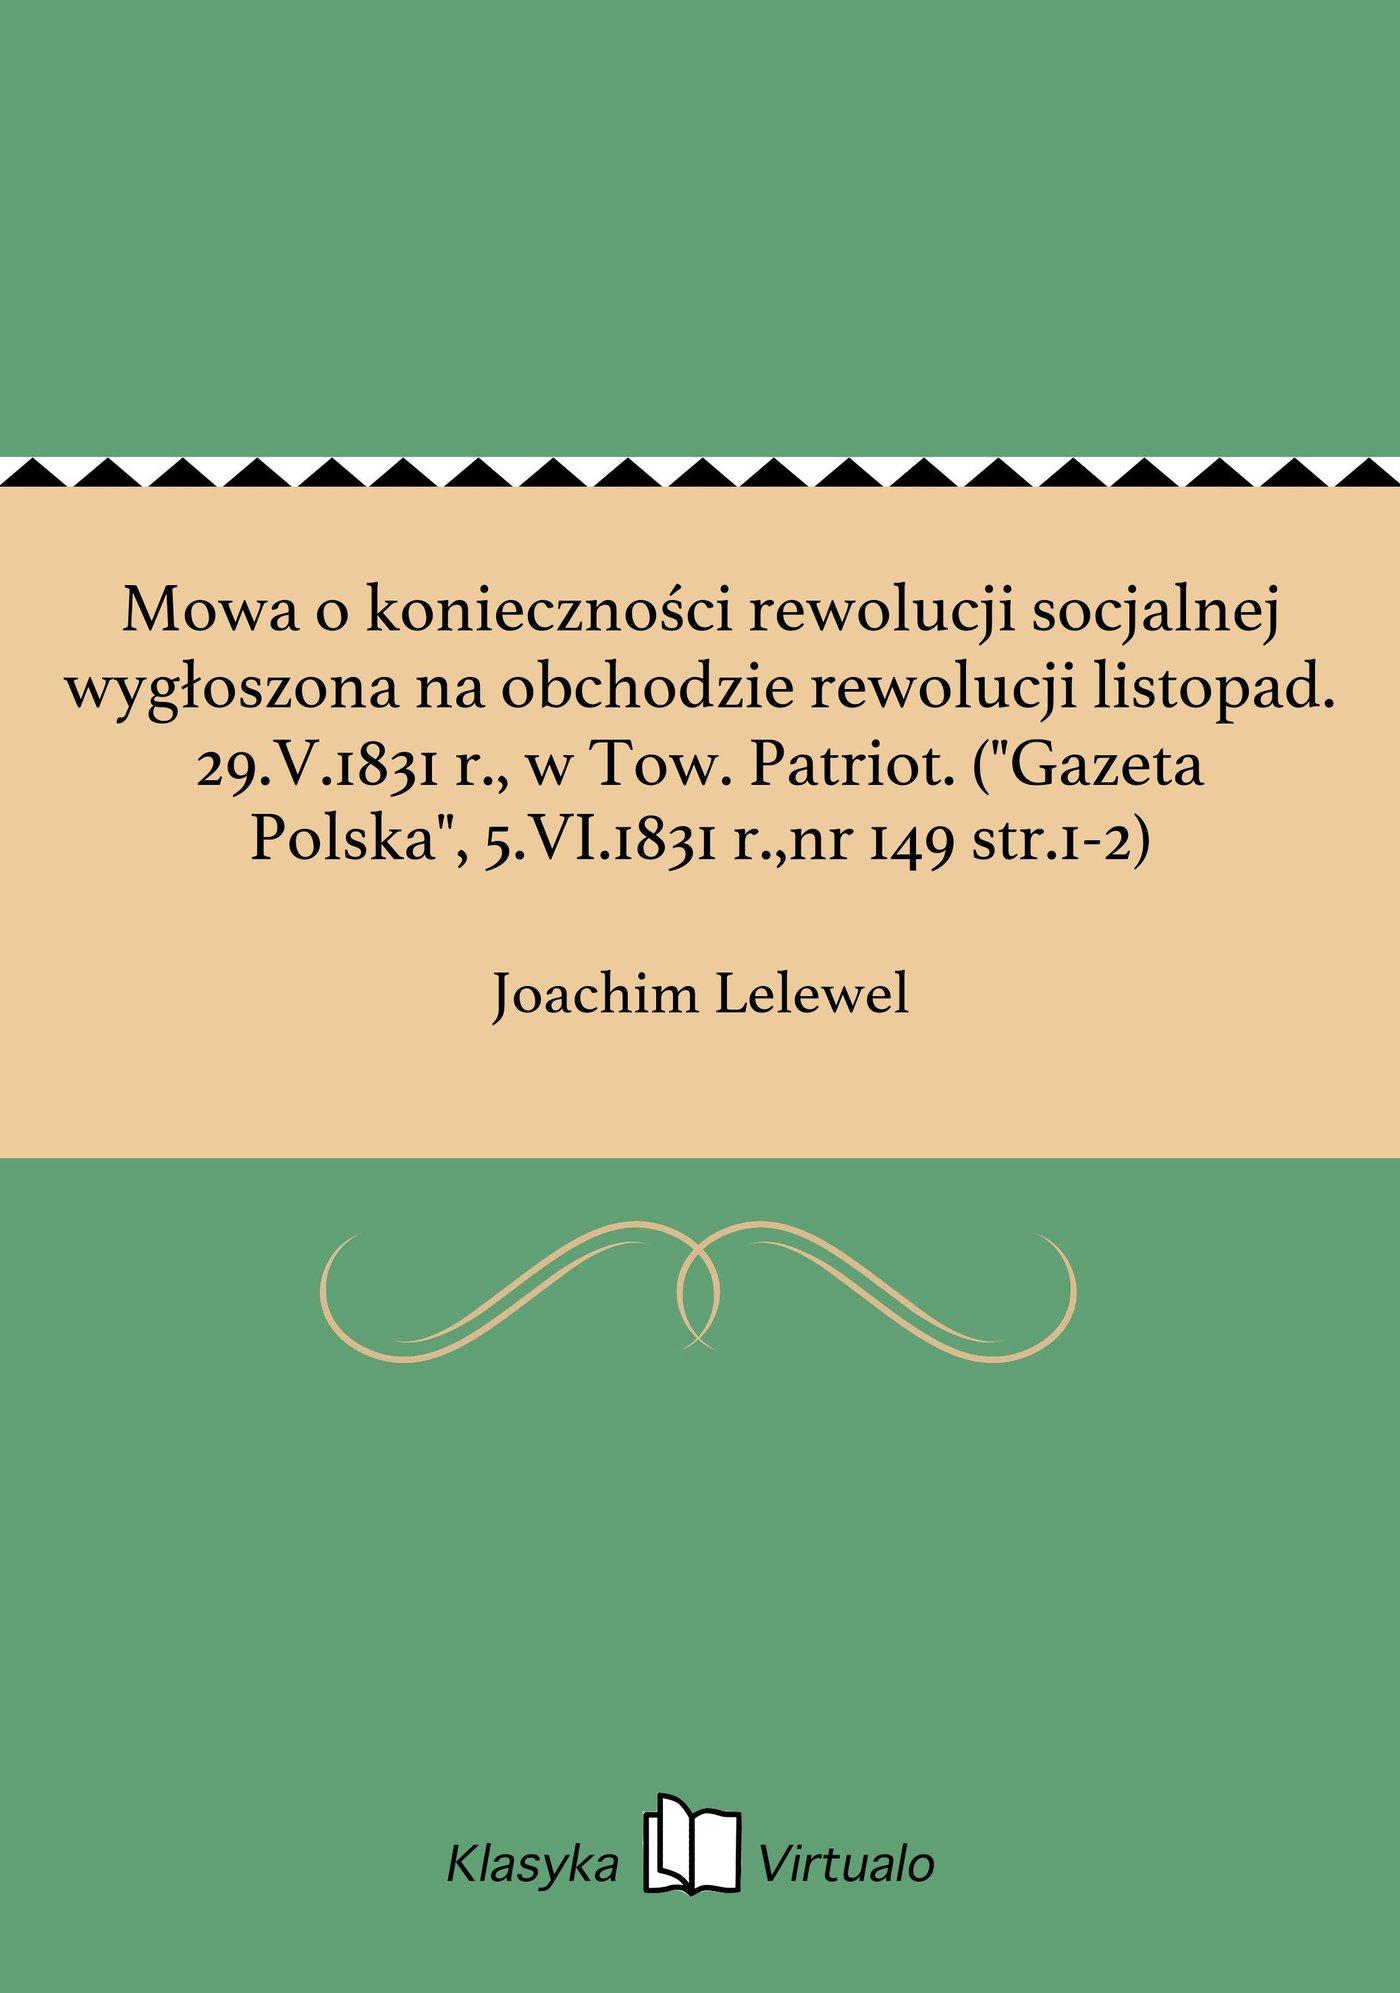 """Mowa o konieczności rewolucji socjalnej wygłoszona na obchodzie rewolucji listopad. 29.V.1831 r., w Tow. Patriot. (""""Gazeta Polska"""", 5.VI.1831 r.,nr 149 str.1-2) - Ebook (Książka EPUB) do pobrania w formacie EPUB"""